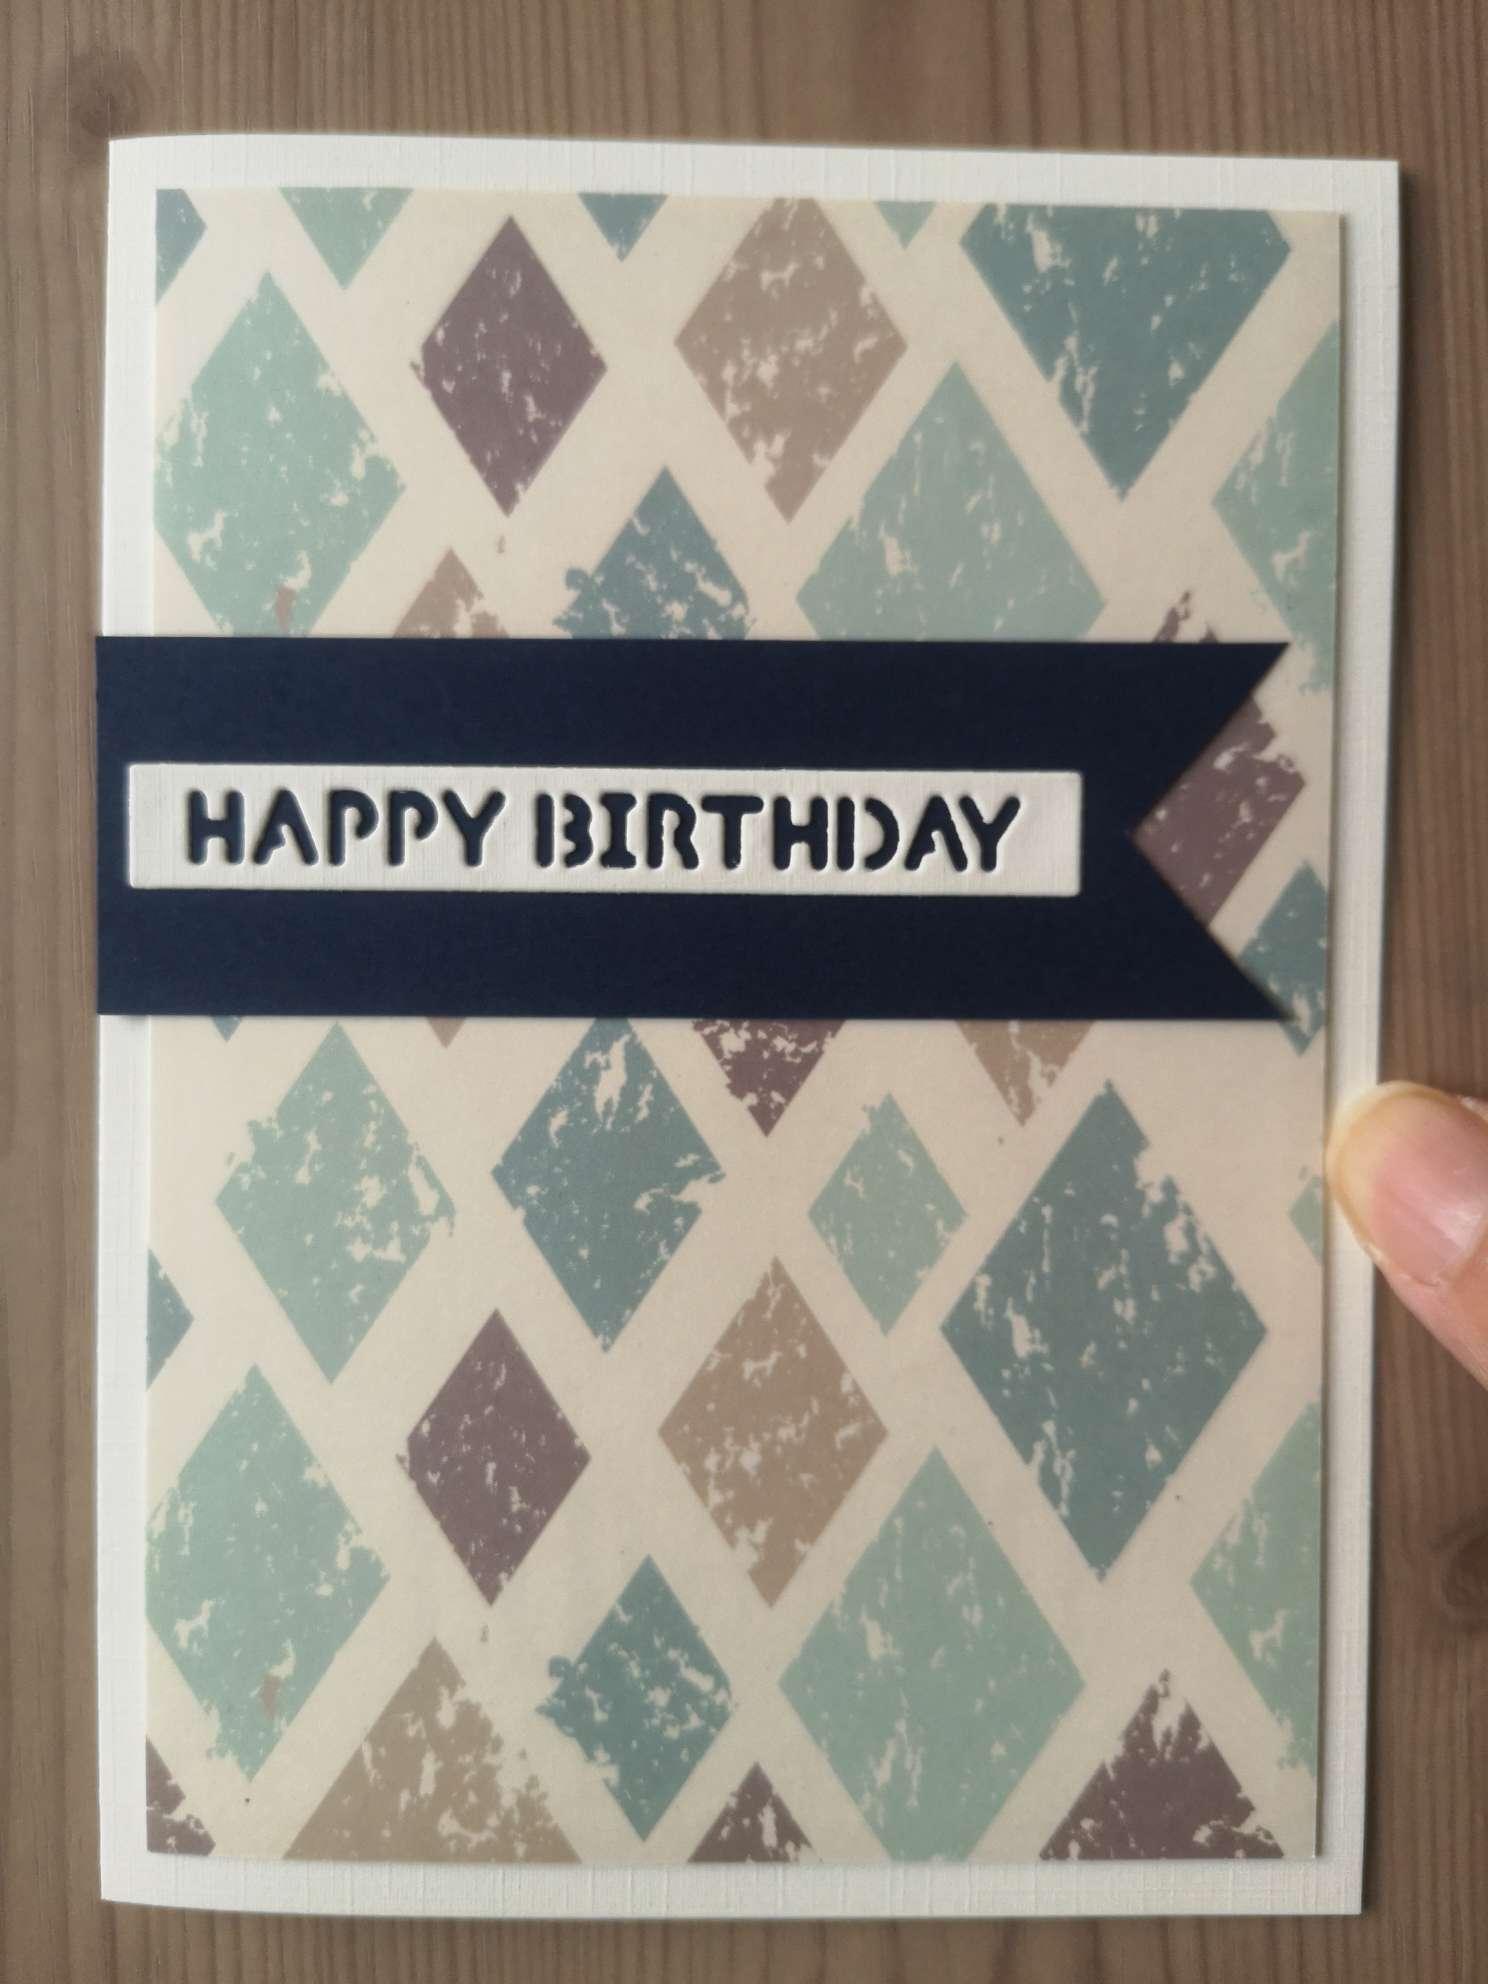 暗藏玄机的生日贺卡